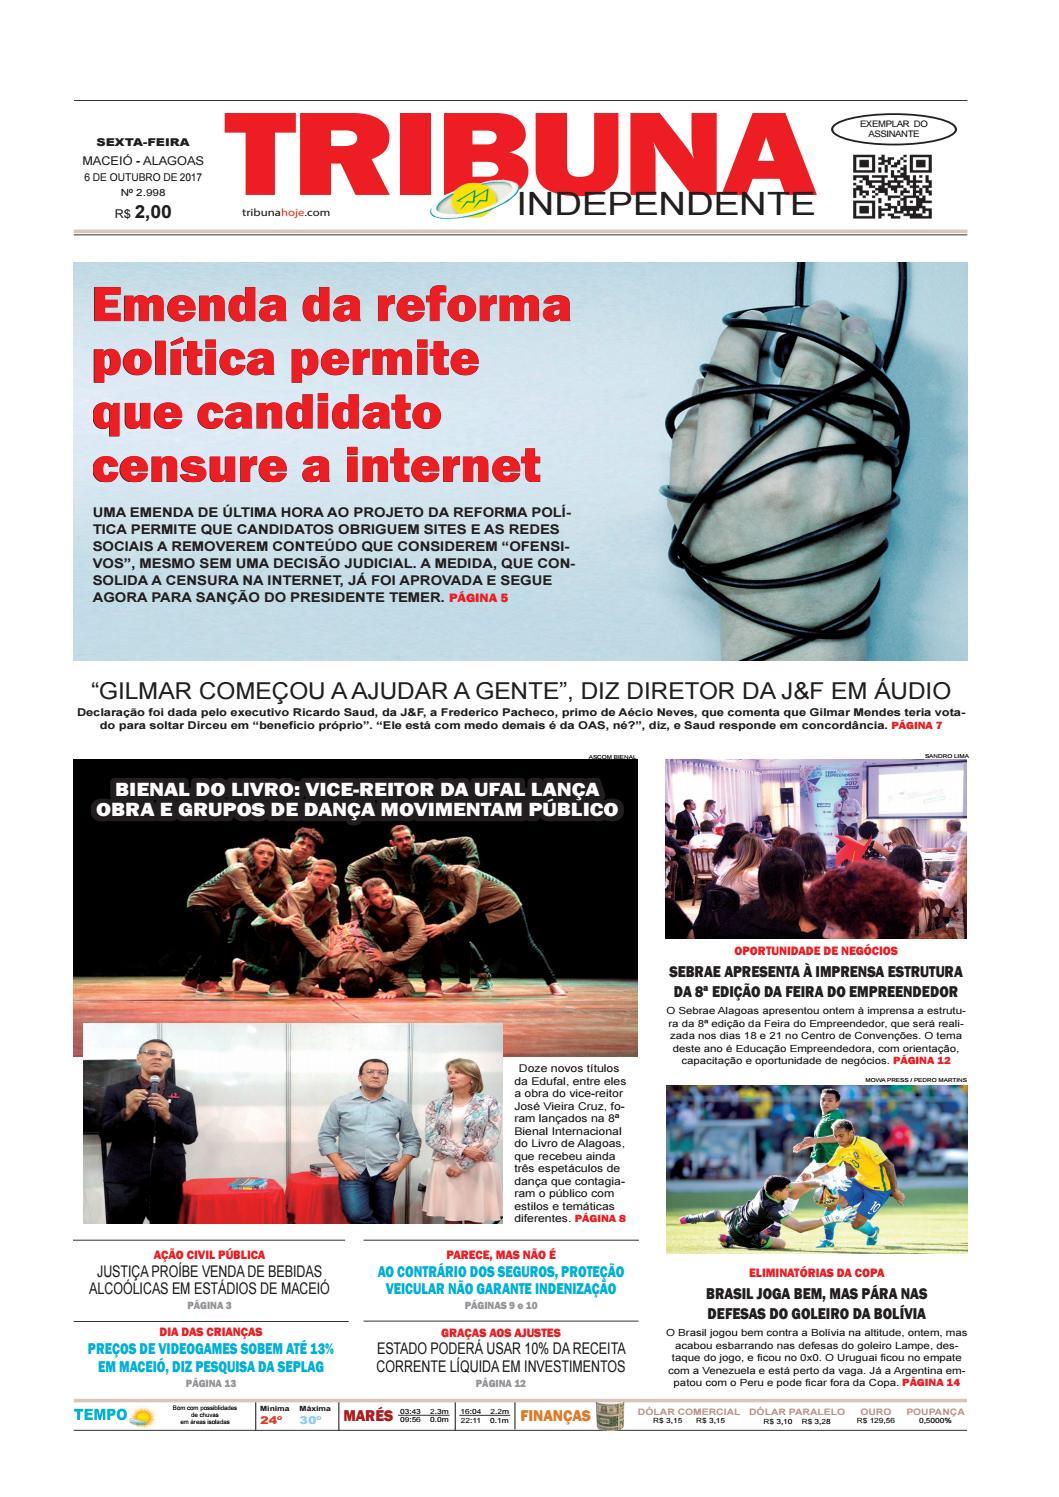 507ed0aaf68 Edição número 2998 - 6 de outubro de 2017 by Tribuna Hoje - issuu